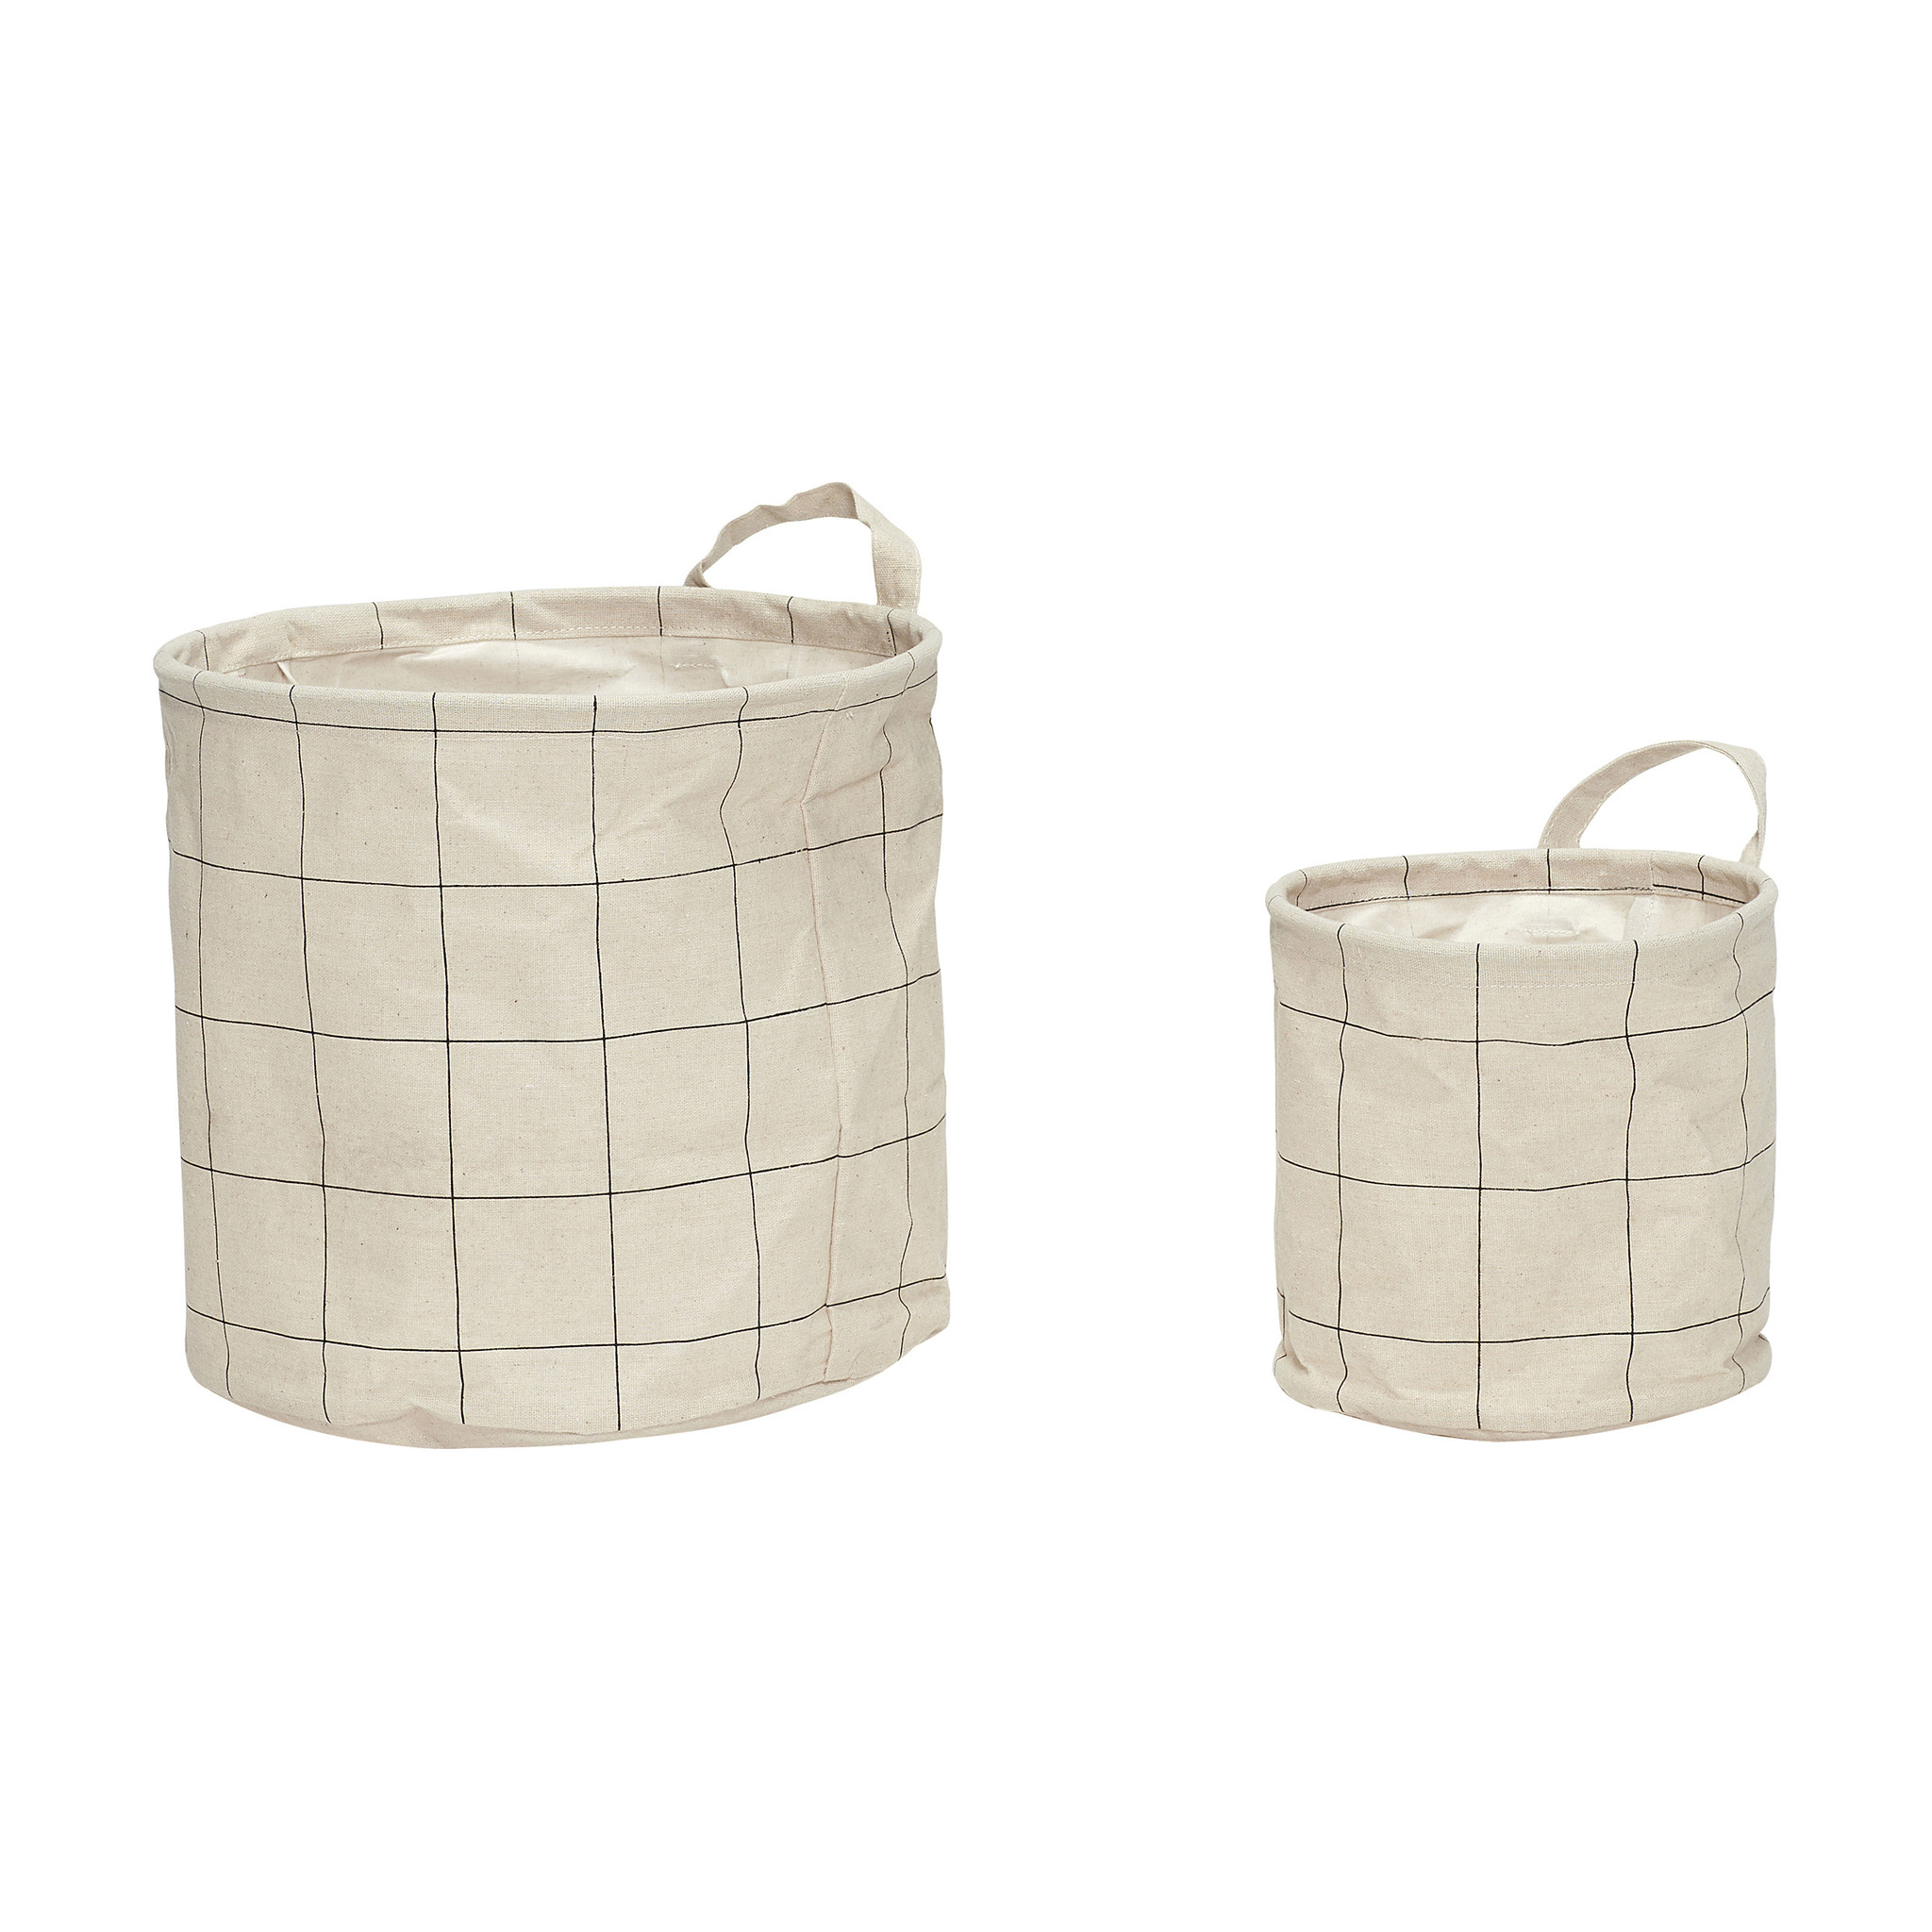 Hubsch Mand met patroon, handvat, rond, papier, grijset van wit, 2